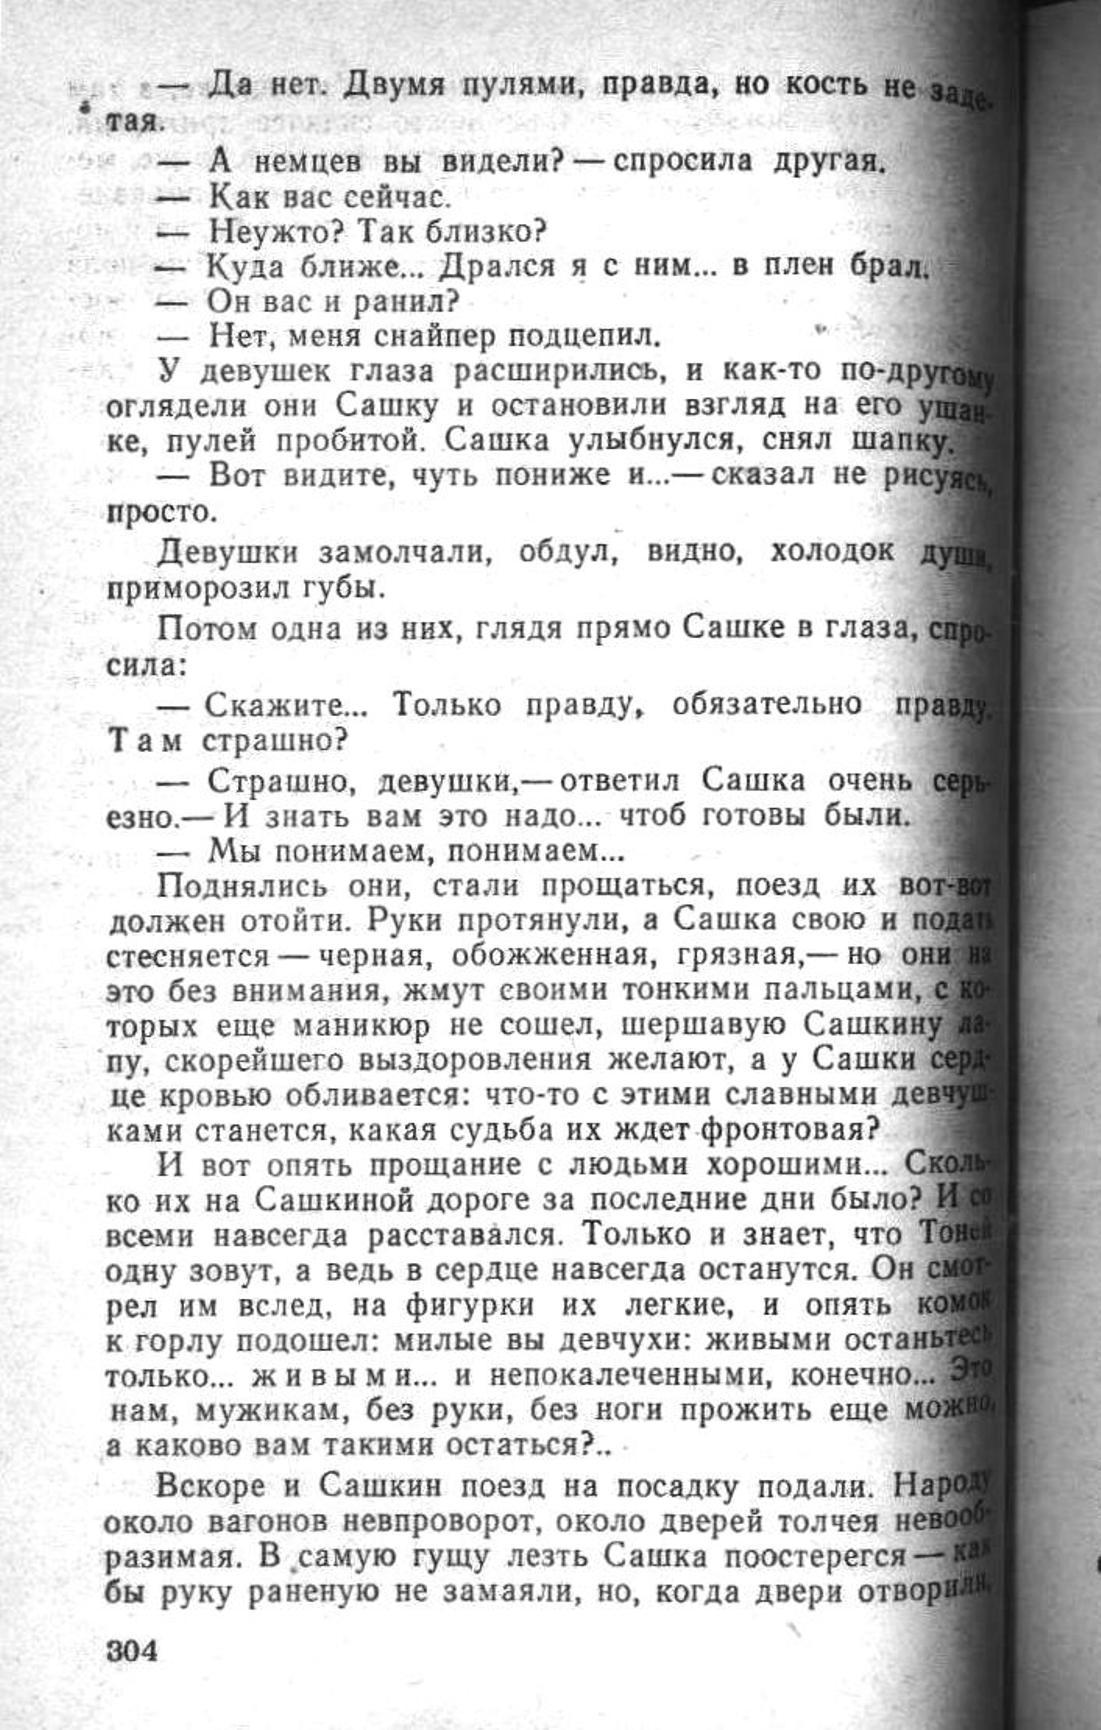 Сашка. Повесть. Вячеслав Кондратьев. 020. 001